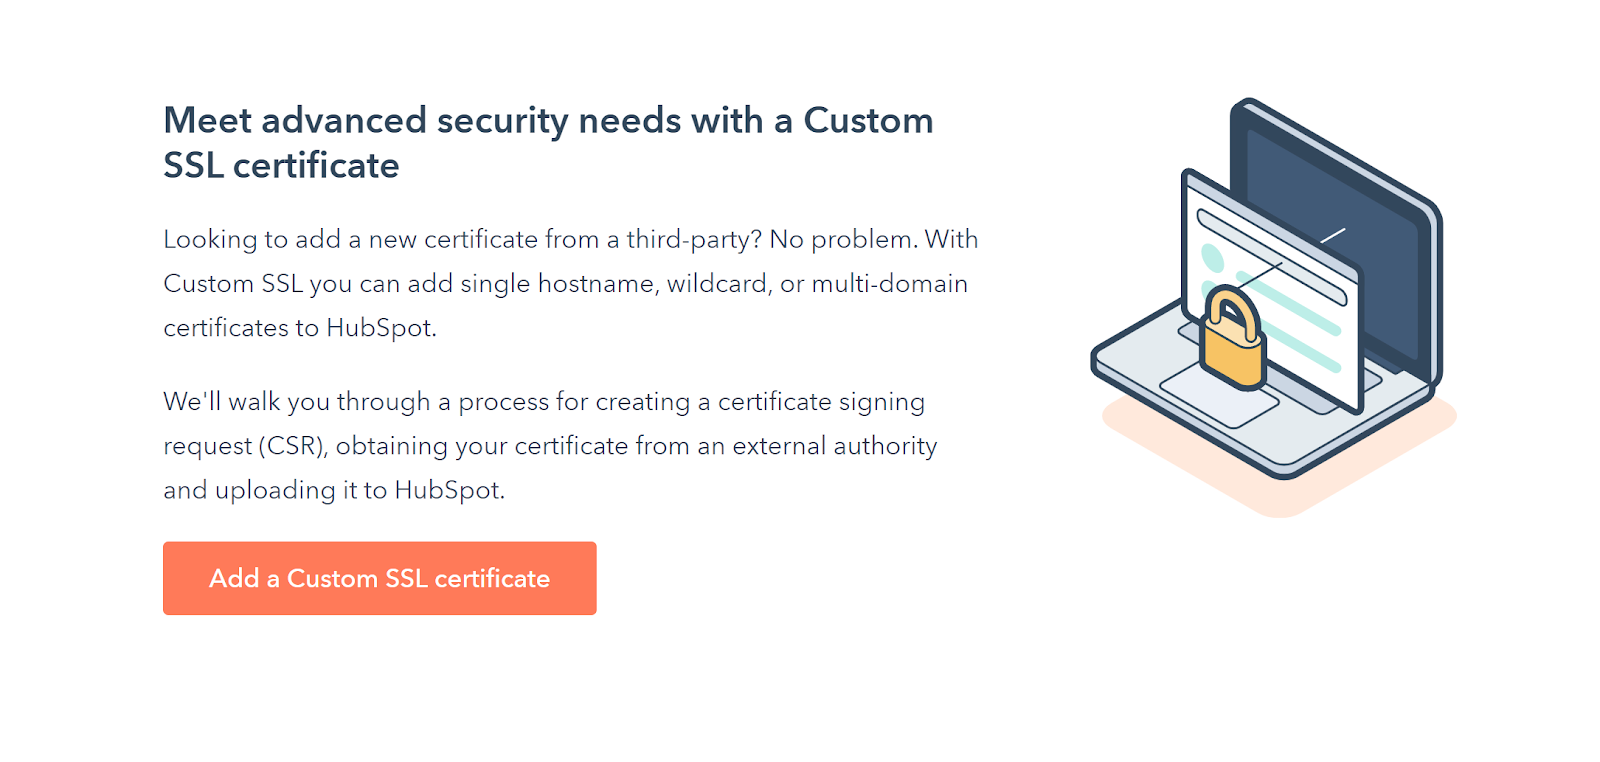 Einrichten & Verwalten Ihres benutzerdefinierten SSL-Zertifikats direkt in HubSpot